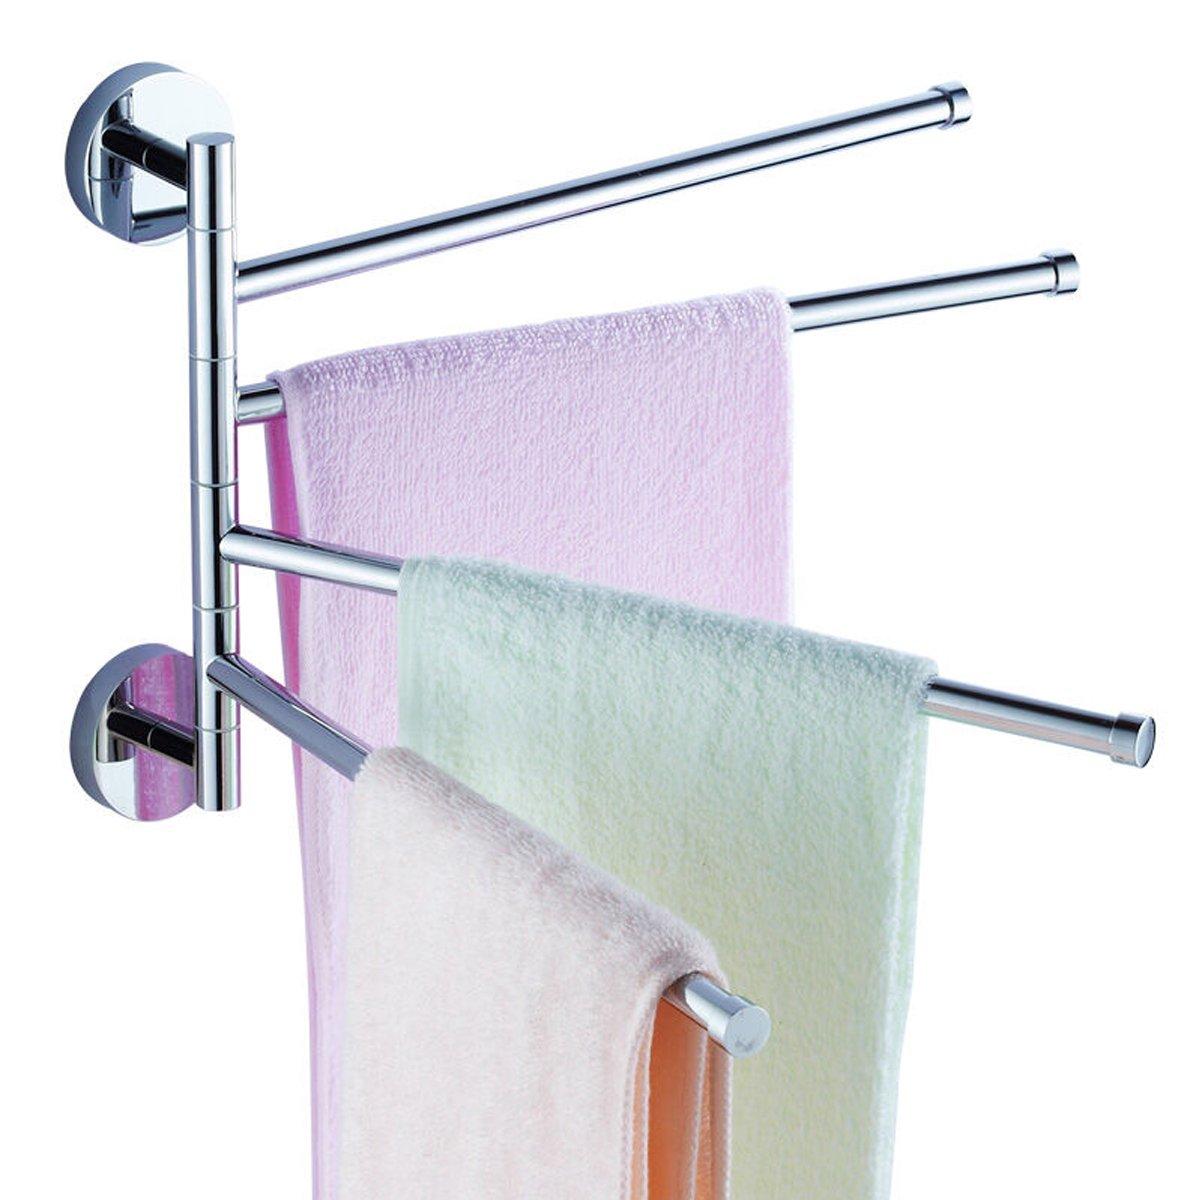 Amazon.com: AIYoo Towel Bar Swivel Bathroom Towel Rack Wall Mounted ...